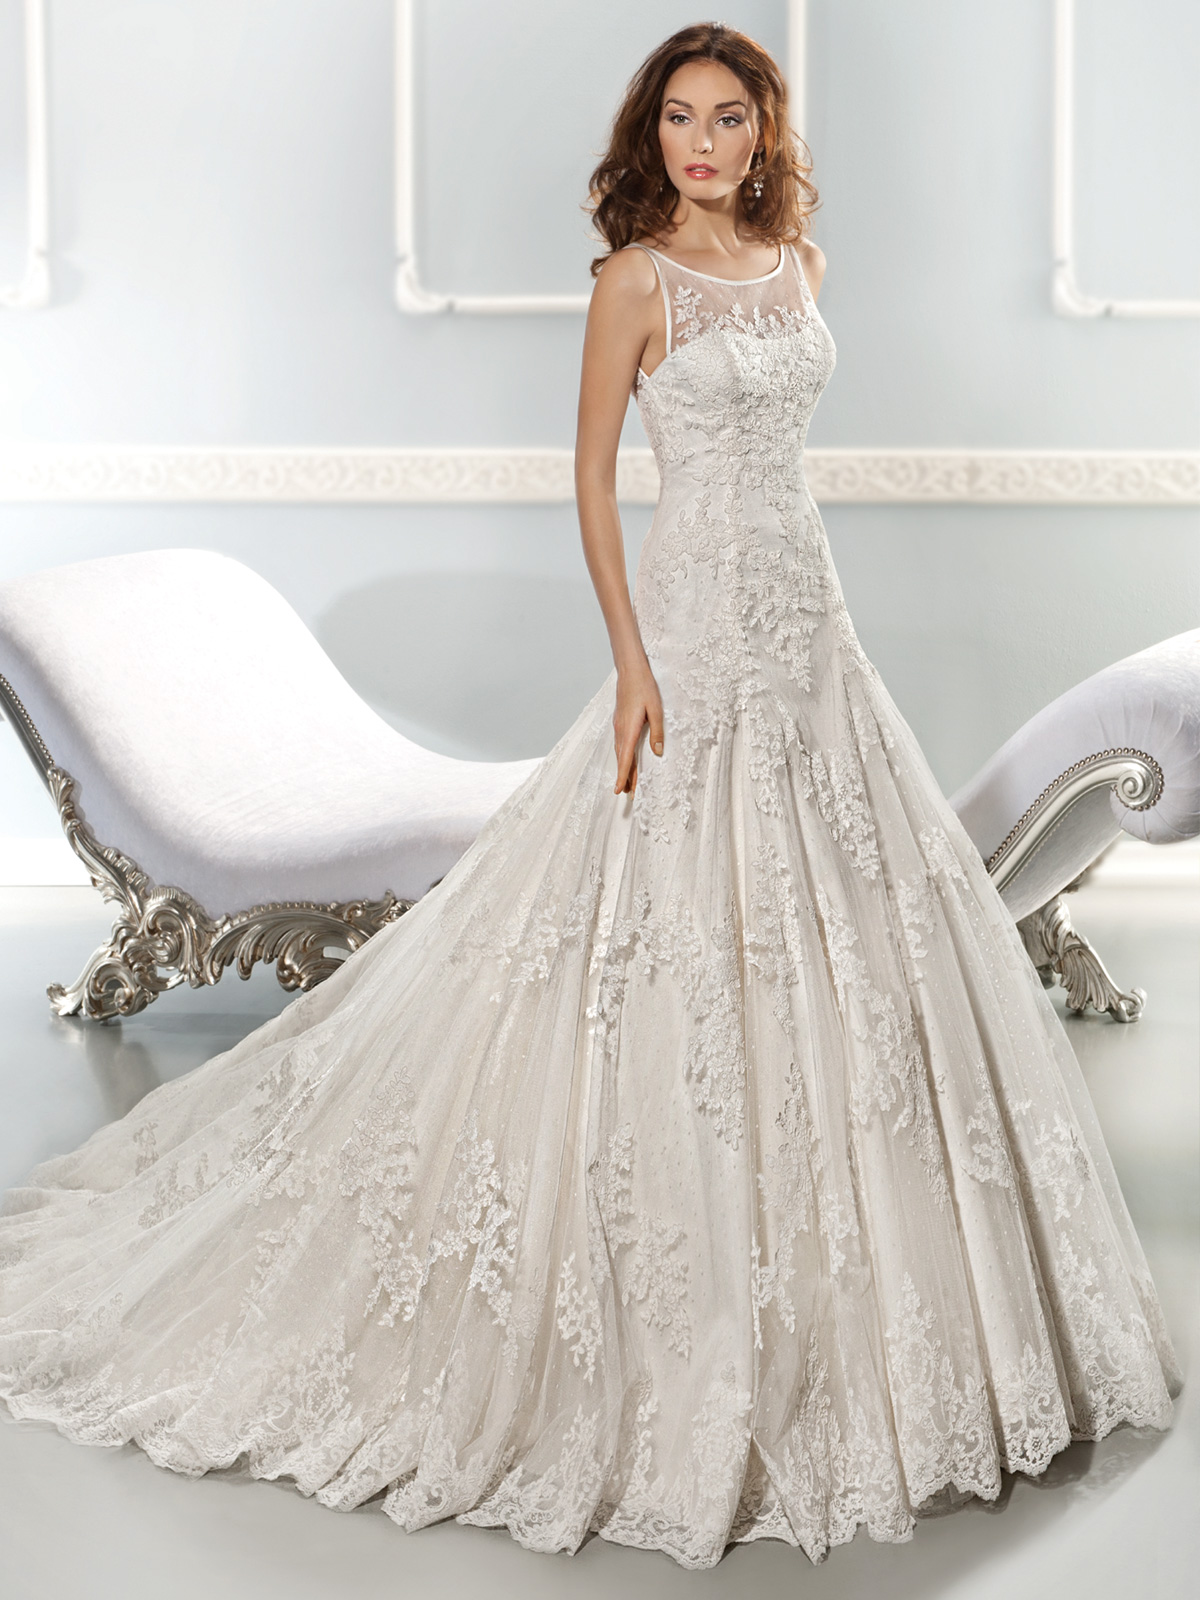 Vestido de Noiva semi sereia, todo em renda rebordada, com transparência no decote frente e costas, pregas na saia e leve cauda.